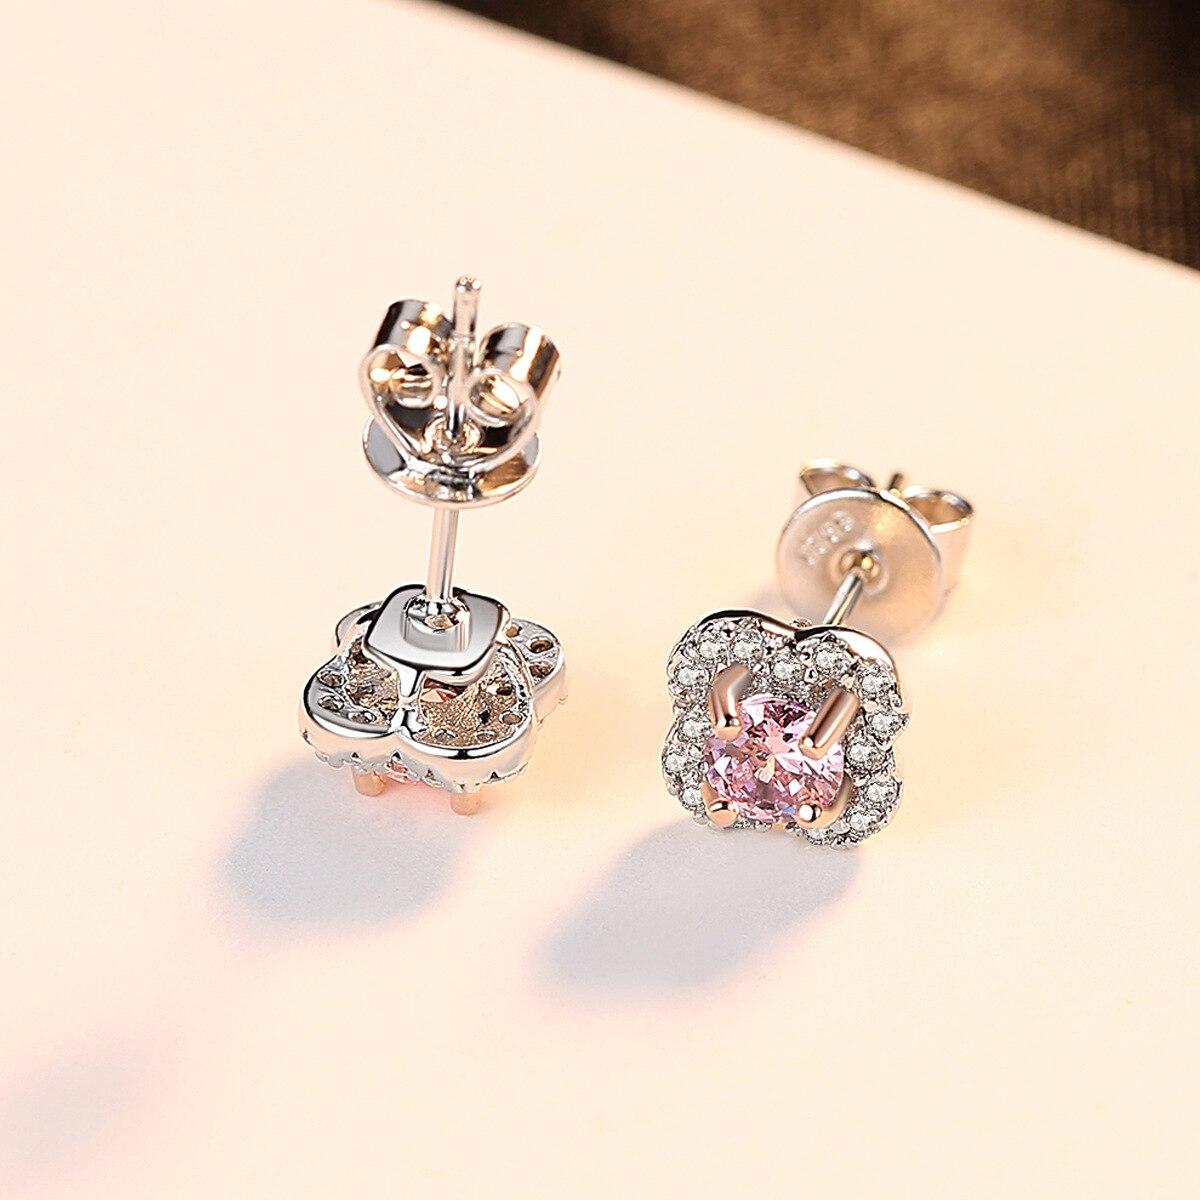 PAG & MAG AAA zircon fleur S925 pur argent oreille clou exquis mode dame boucle d'oreille bijoux en argent - 3